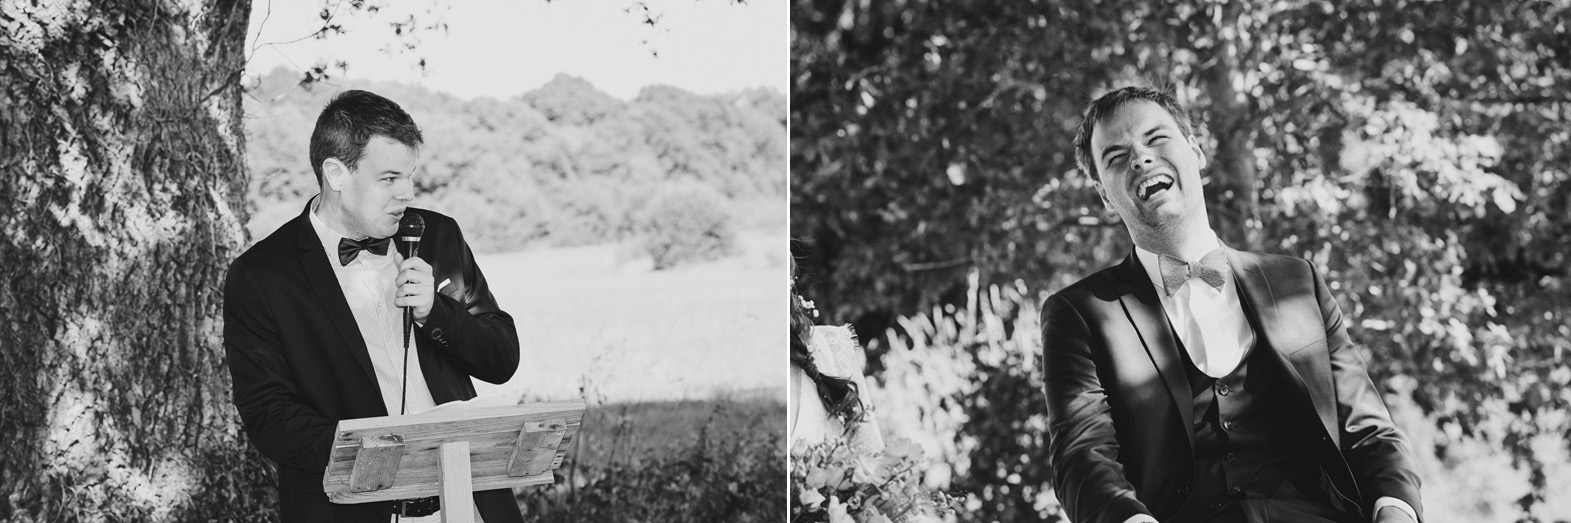 mariage_MT_les Faucheries_72_Sarthe_photographie_clemence_dubois_MEP 10